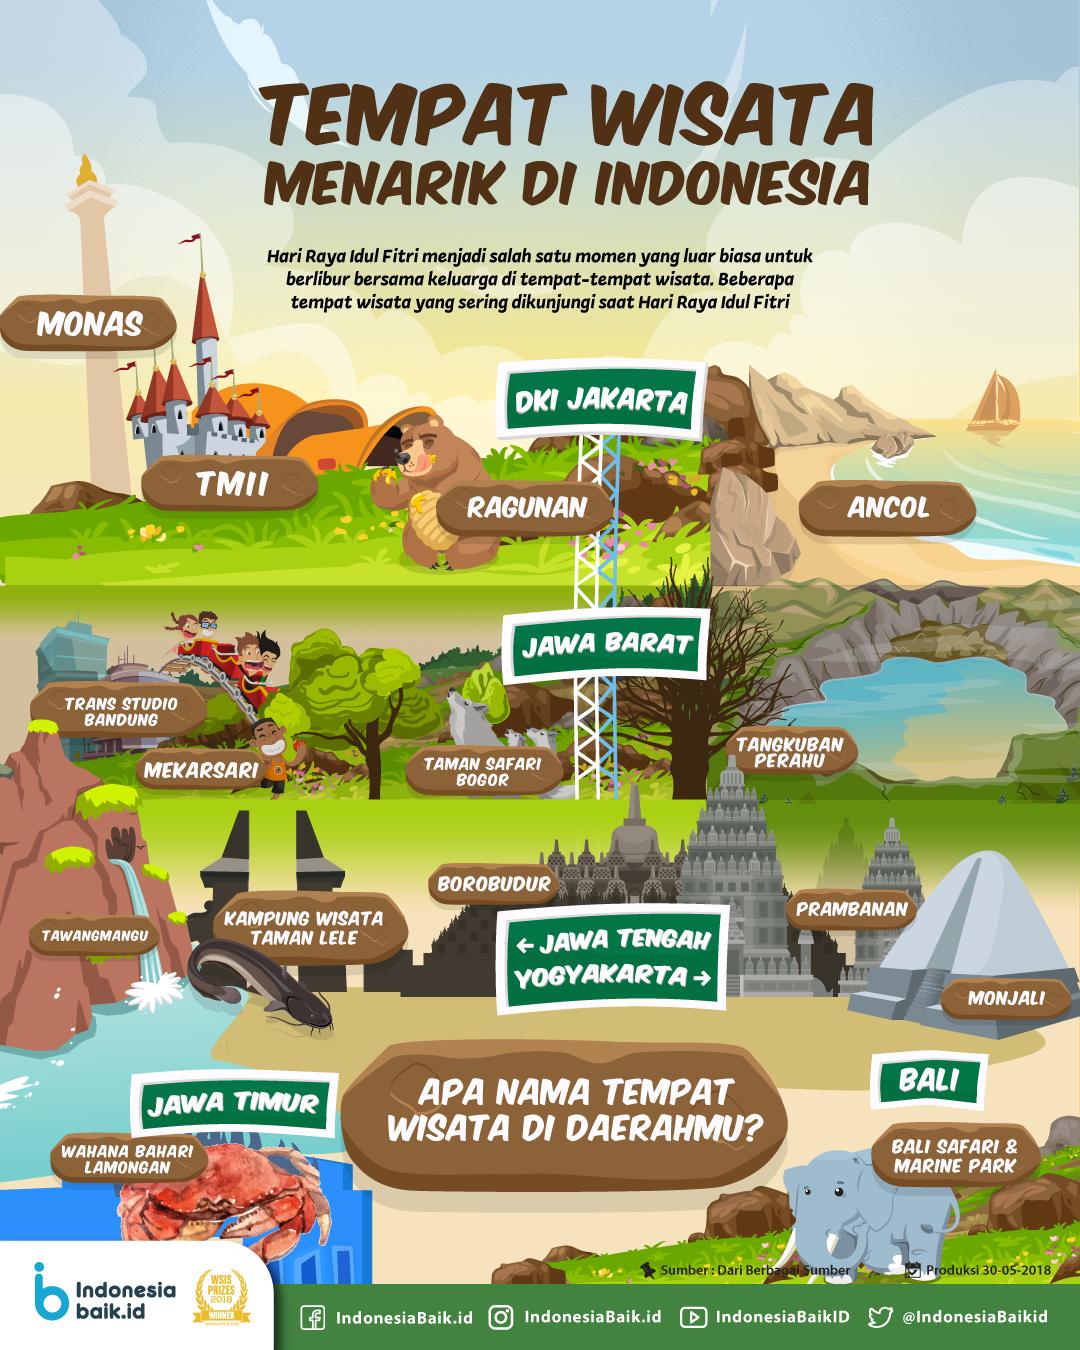 Tempat Wisata Menarik di Indonesia